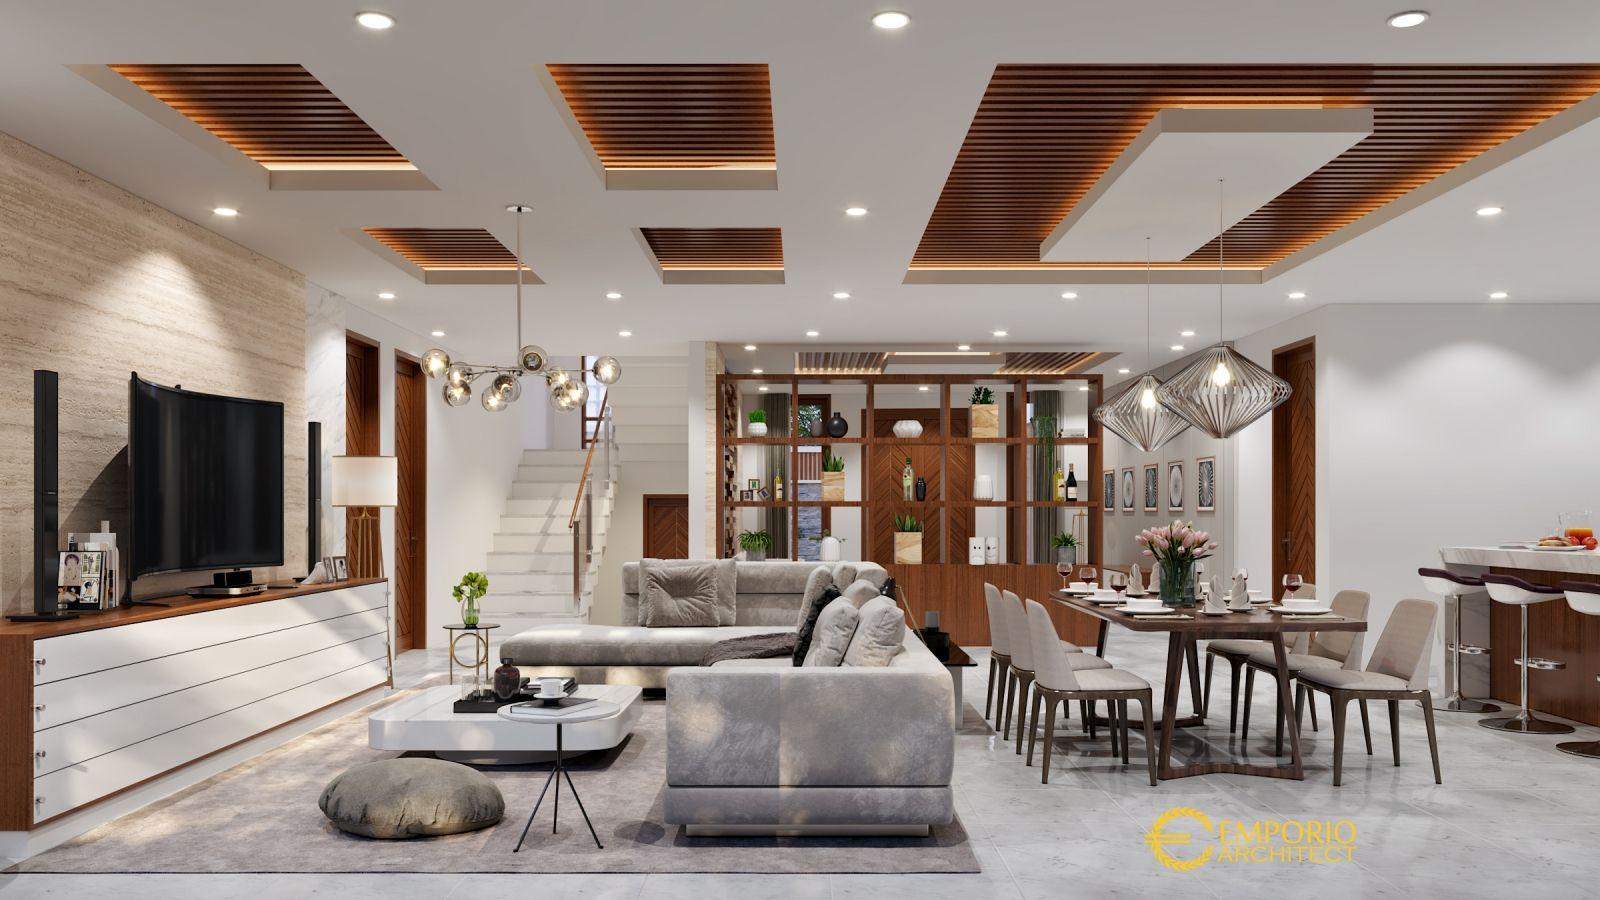 Jasa Arsitek Di Batam Desain Rumah Bapak Vitorio 5 Desain Rumah Rumah Desain #pop #design #living #room